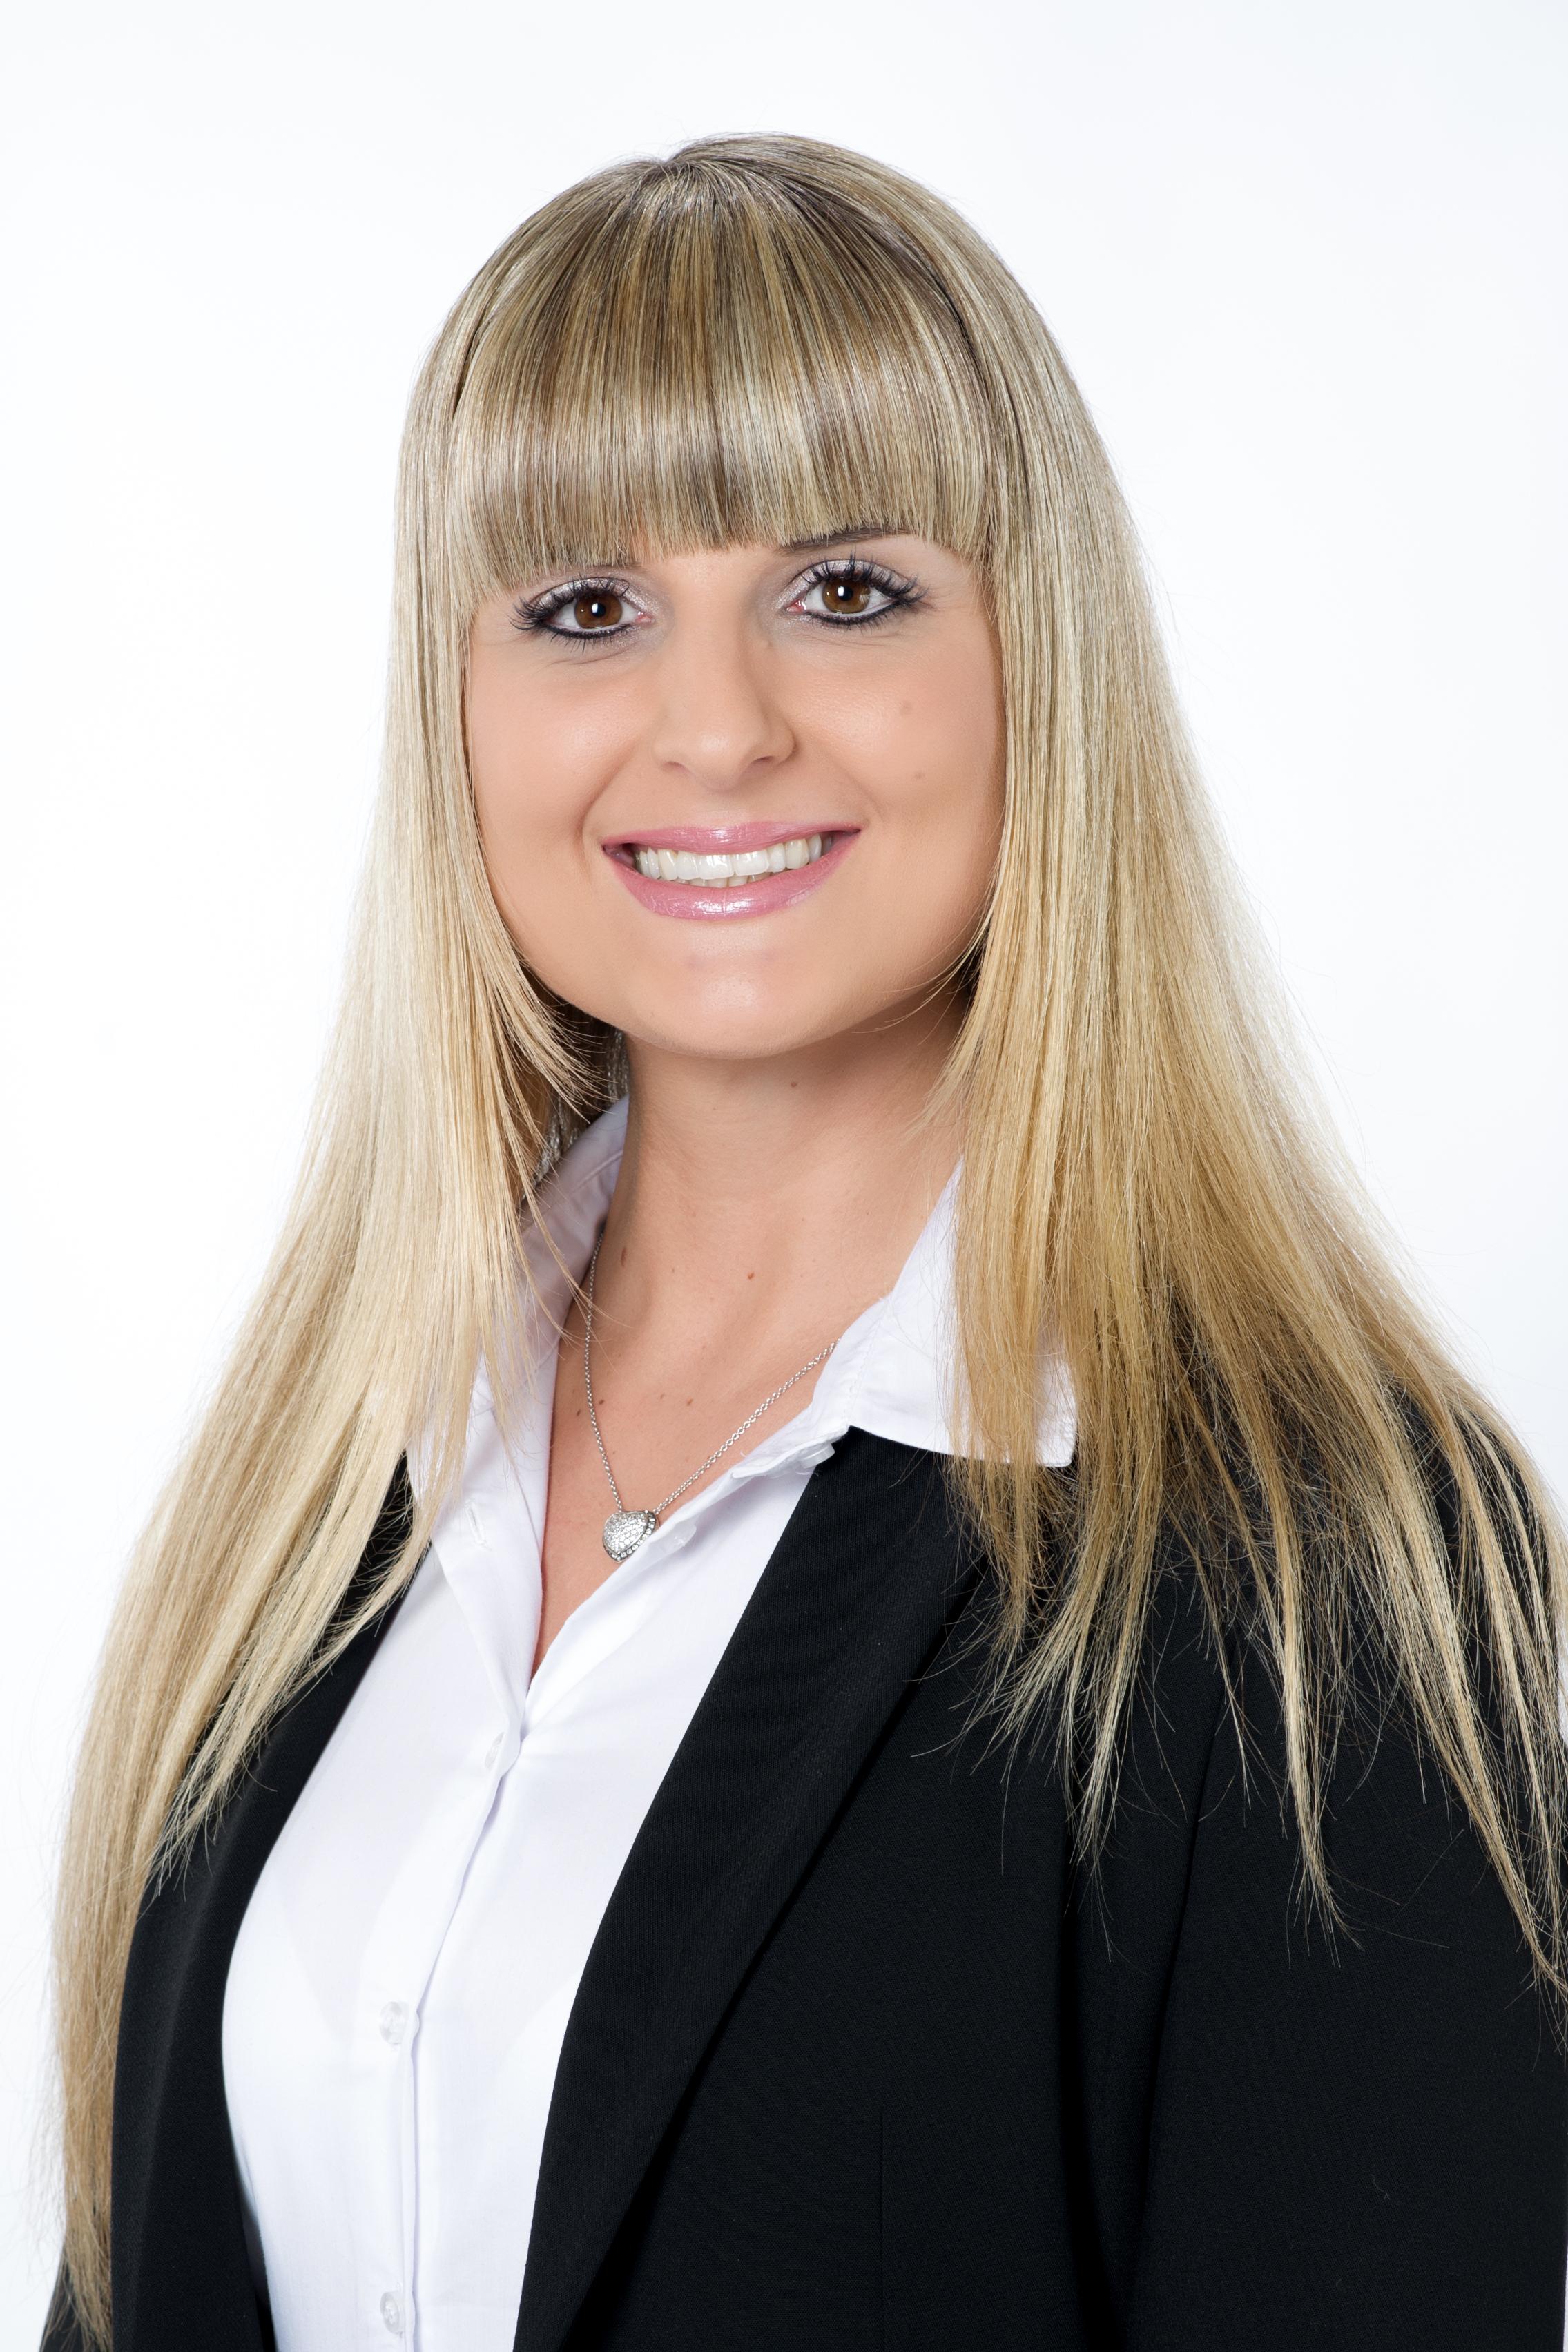 Frau Nicole Schneider  Dipl. Sachverständige (DIA) Bewertung von bebauten und unbebauten Grundstücken Mieten und Pachten. Immobilienfachwirtin (IHK) Finanzassistentin/Bankkauffrau